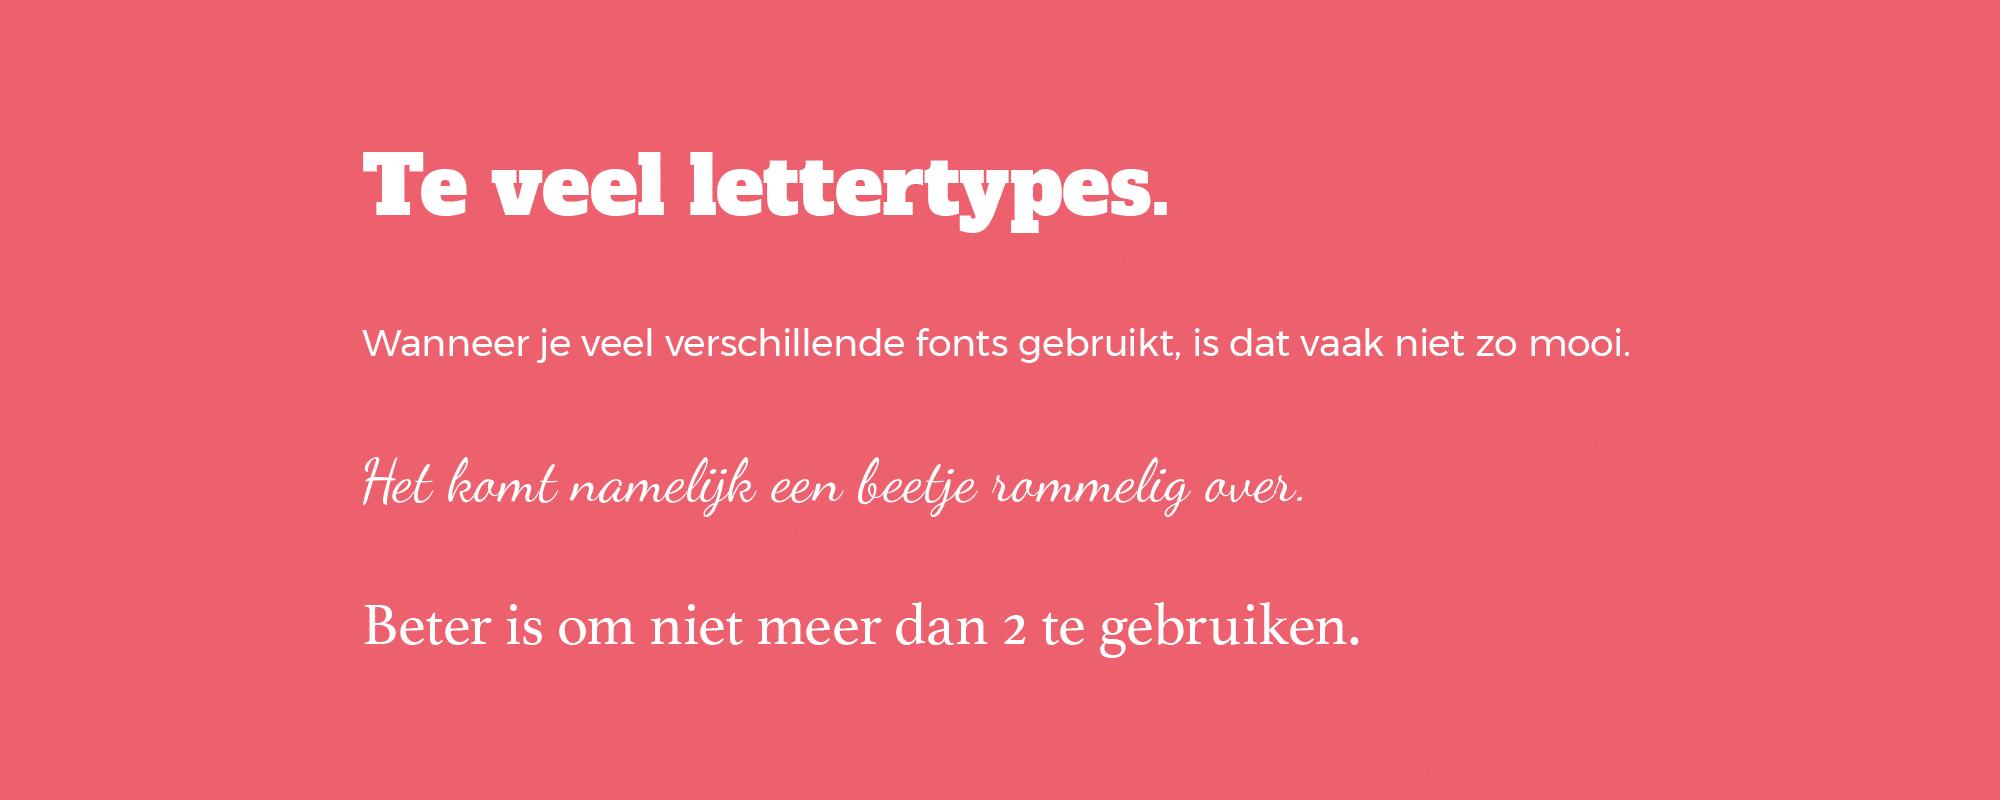 teveel lettertypes